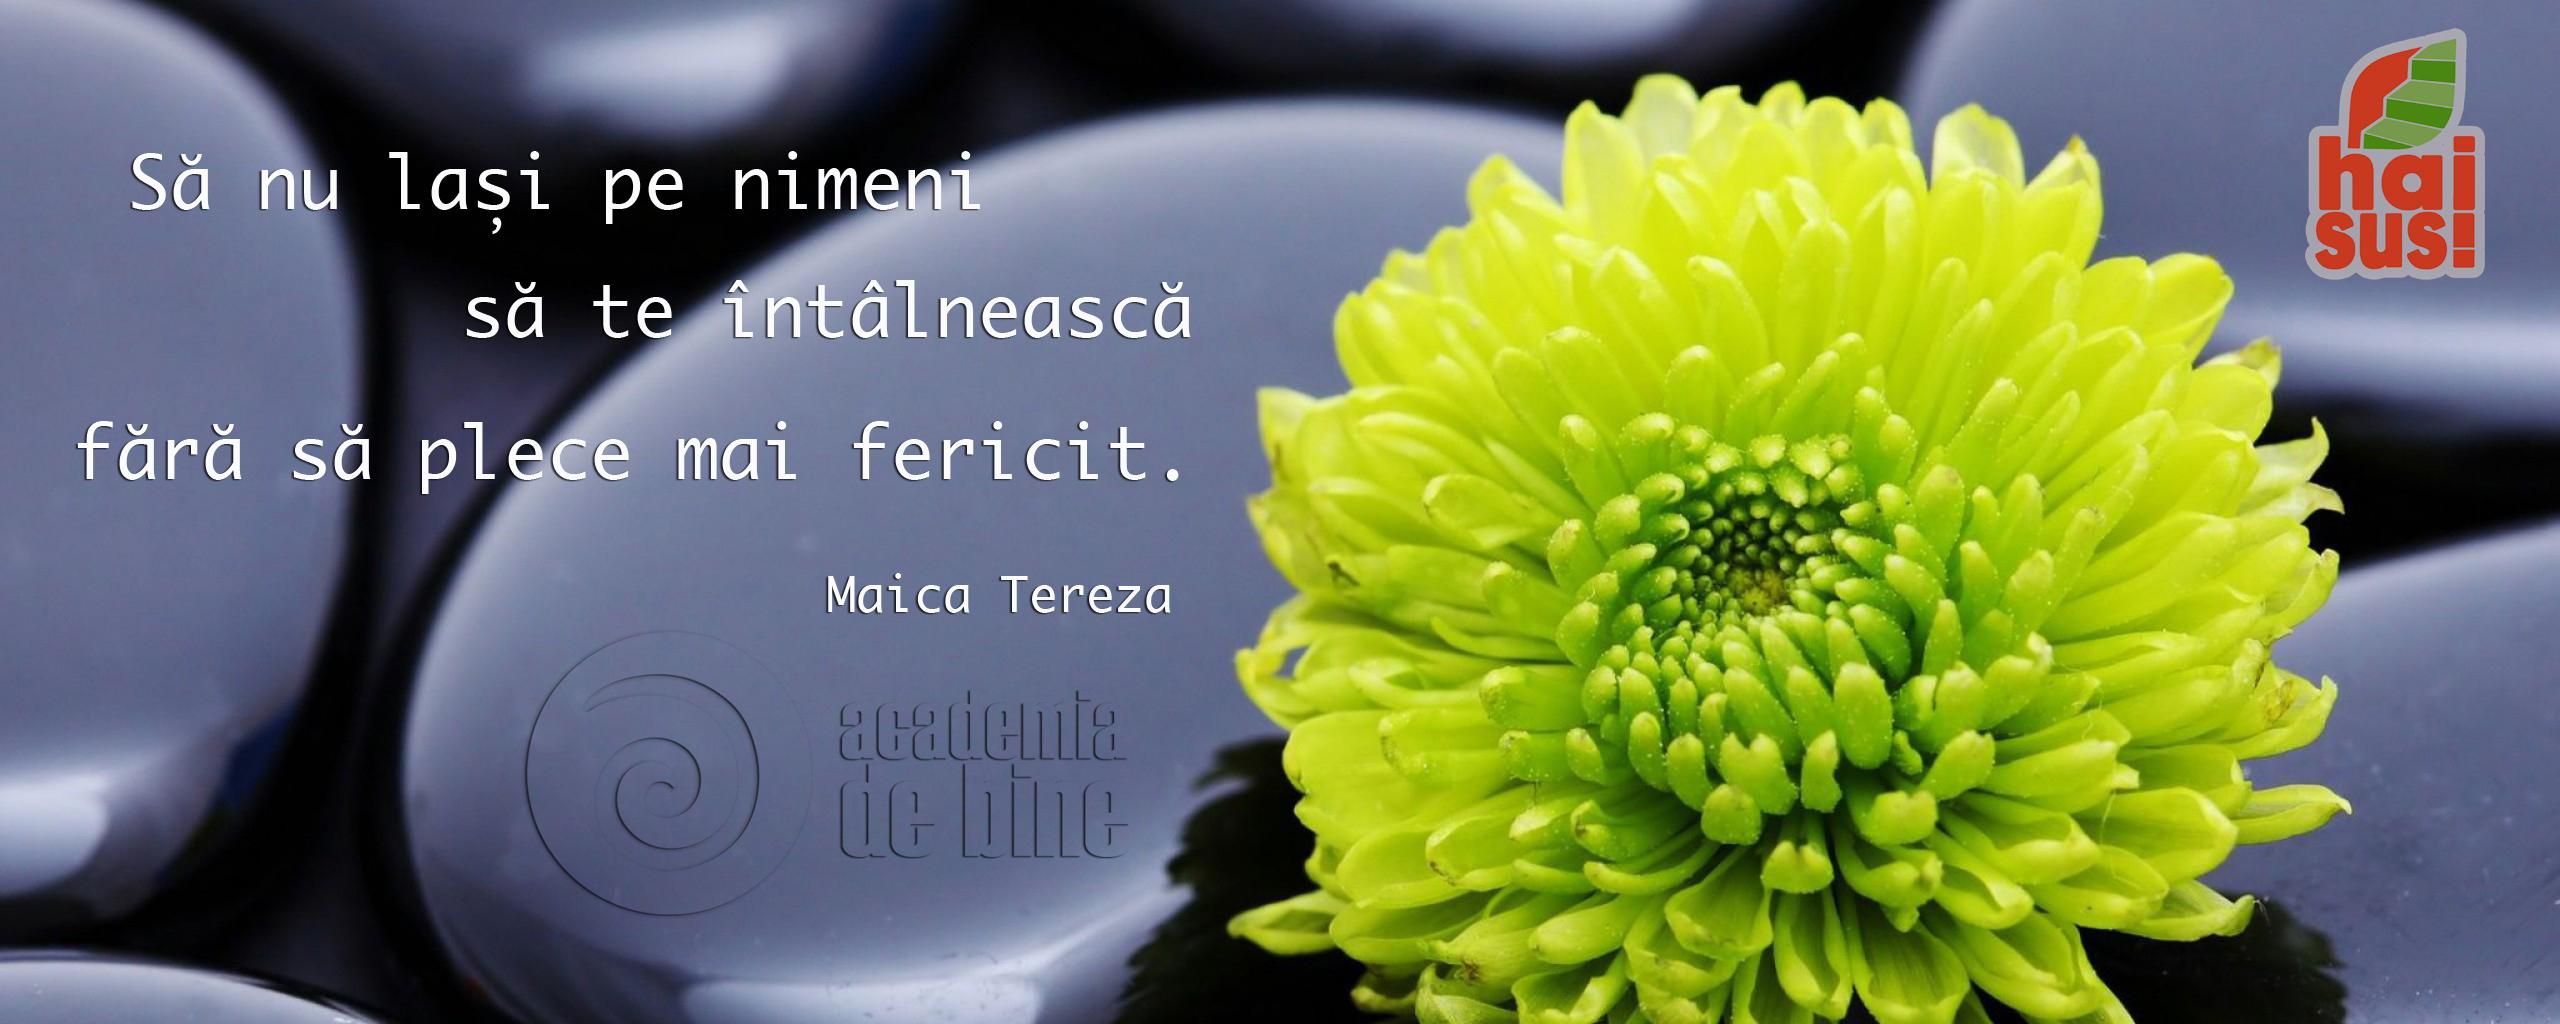 maica tereza citate maica tereza citate motivationale « DrStoica / da te n blogul meu  maica tereza citate